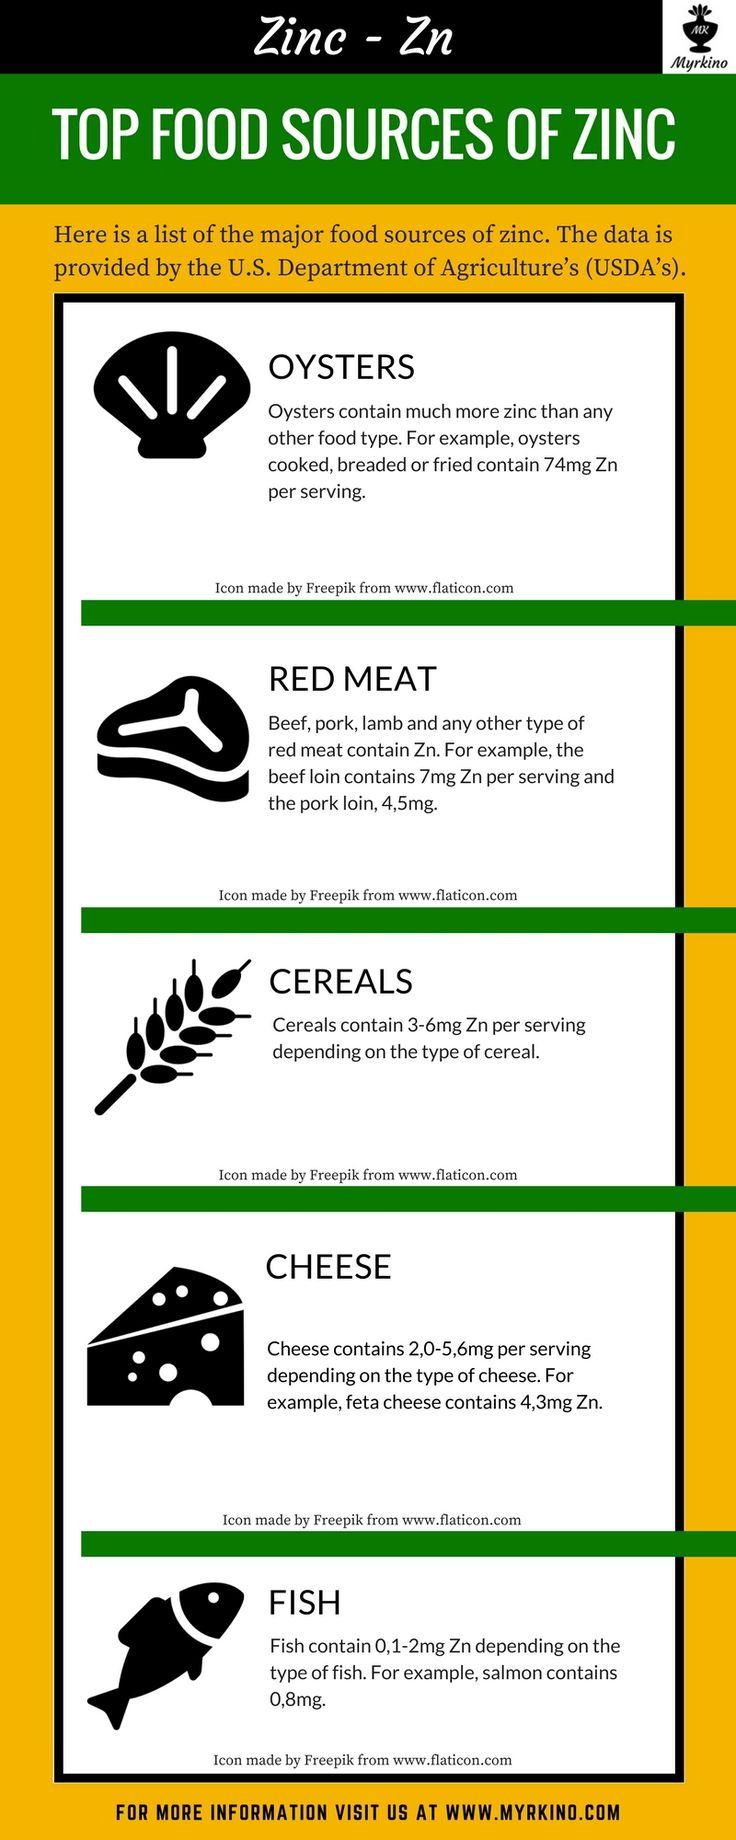 Top Food Sources Of Zinc - Zn